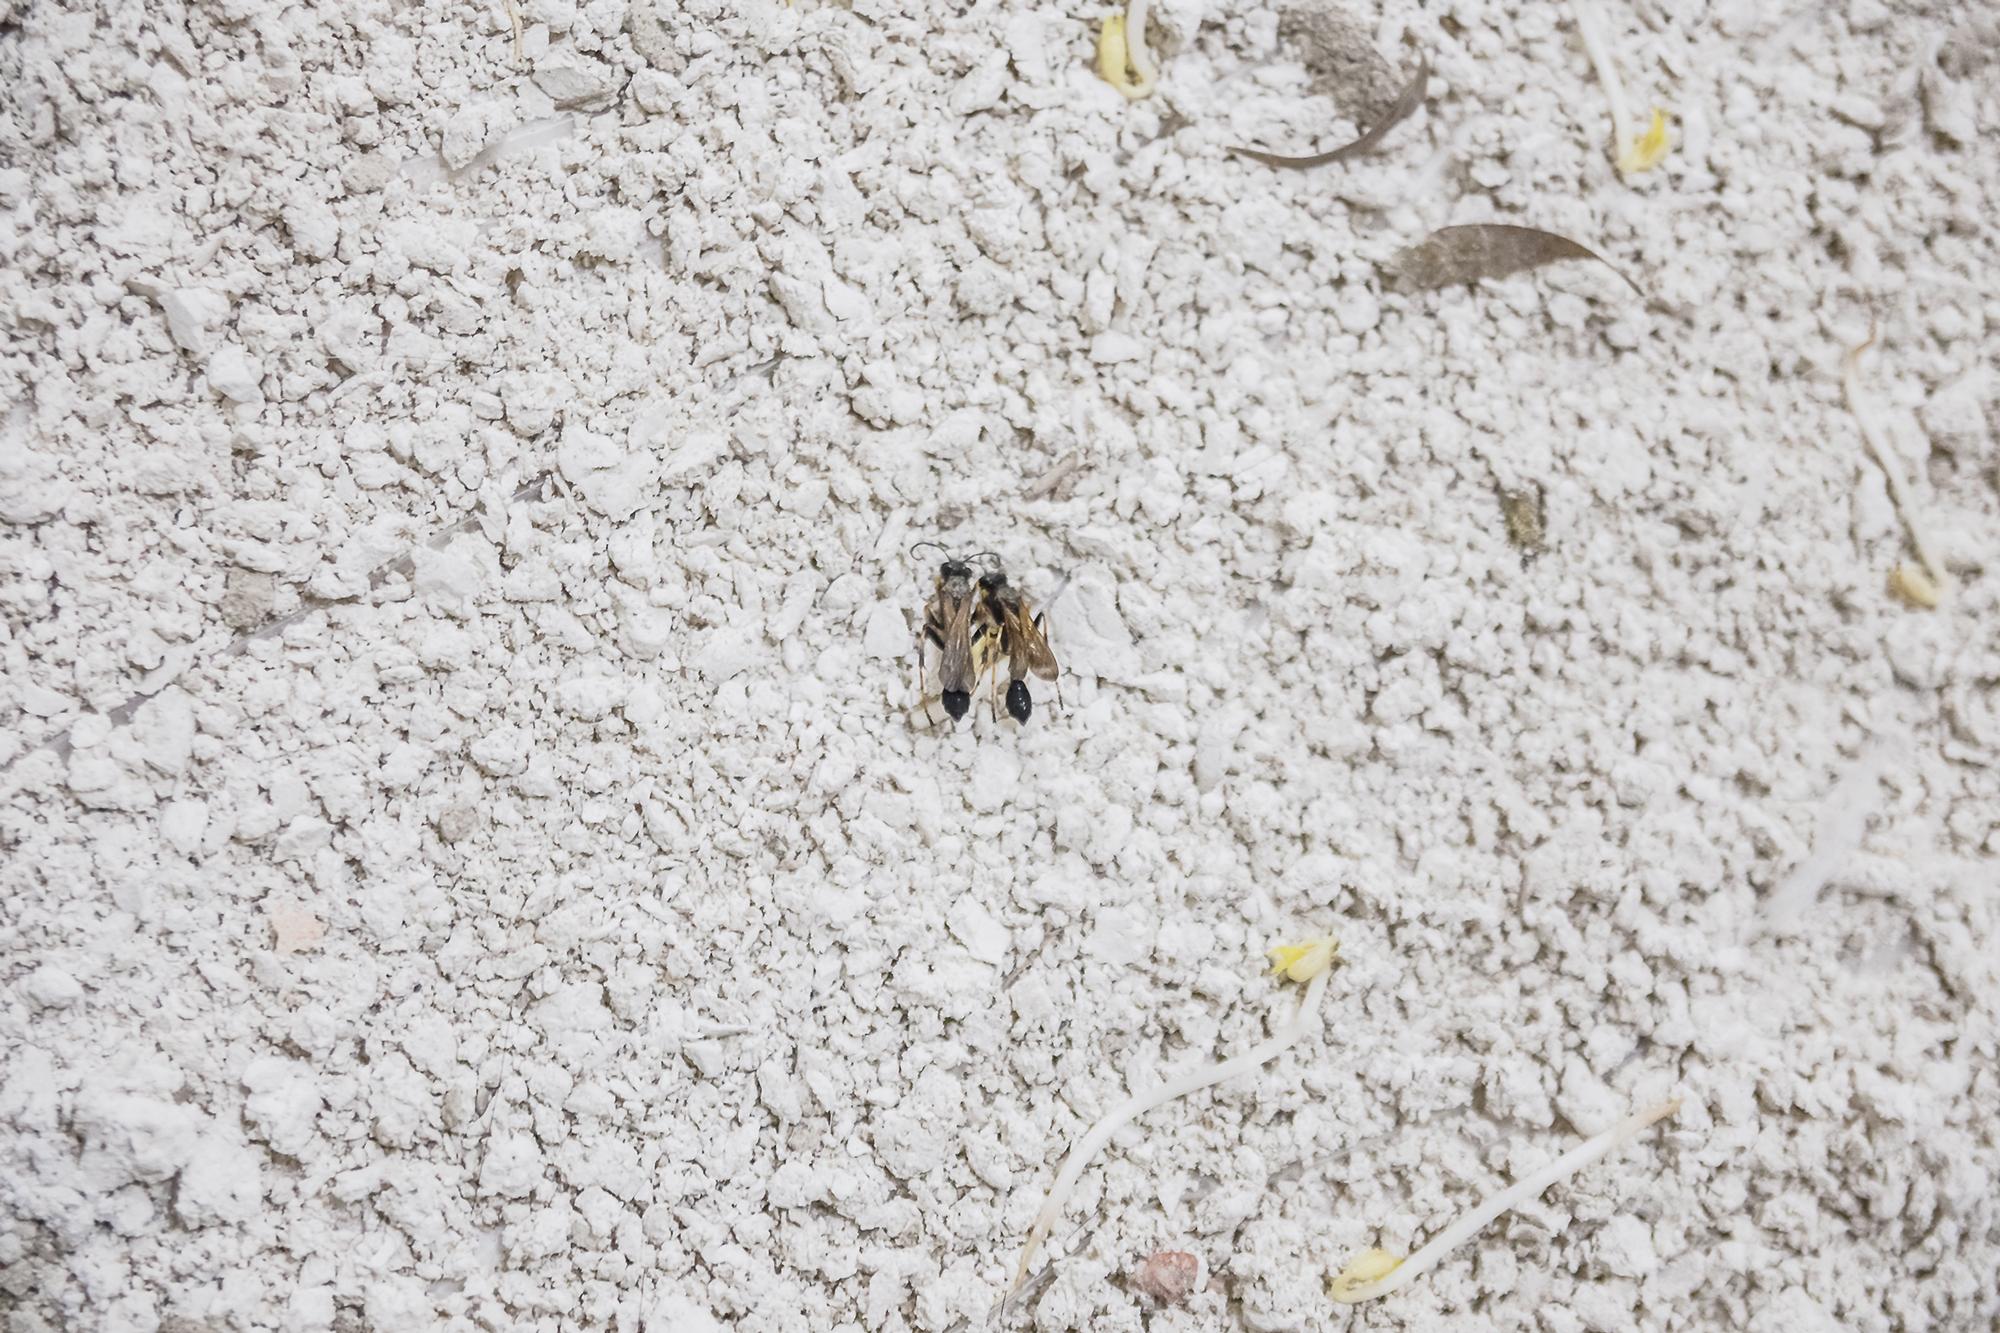 il chiaritoio,  mud wasps, travertine dust, sprouts